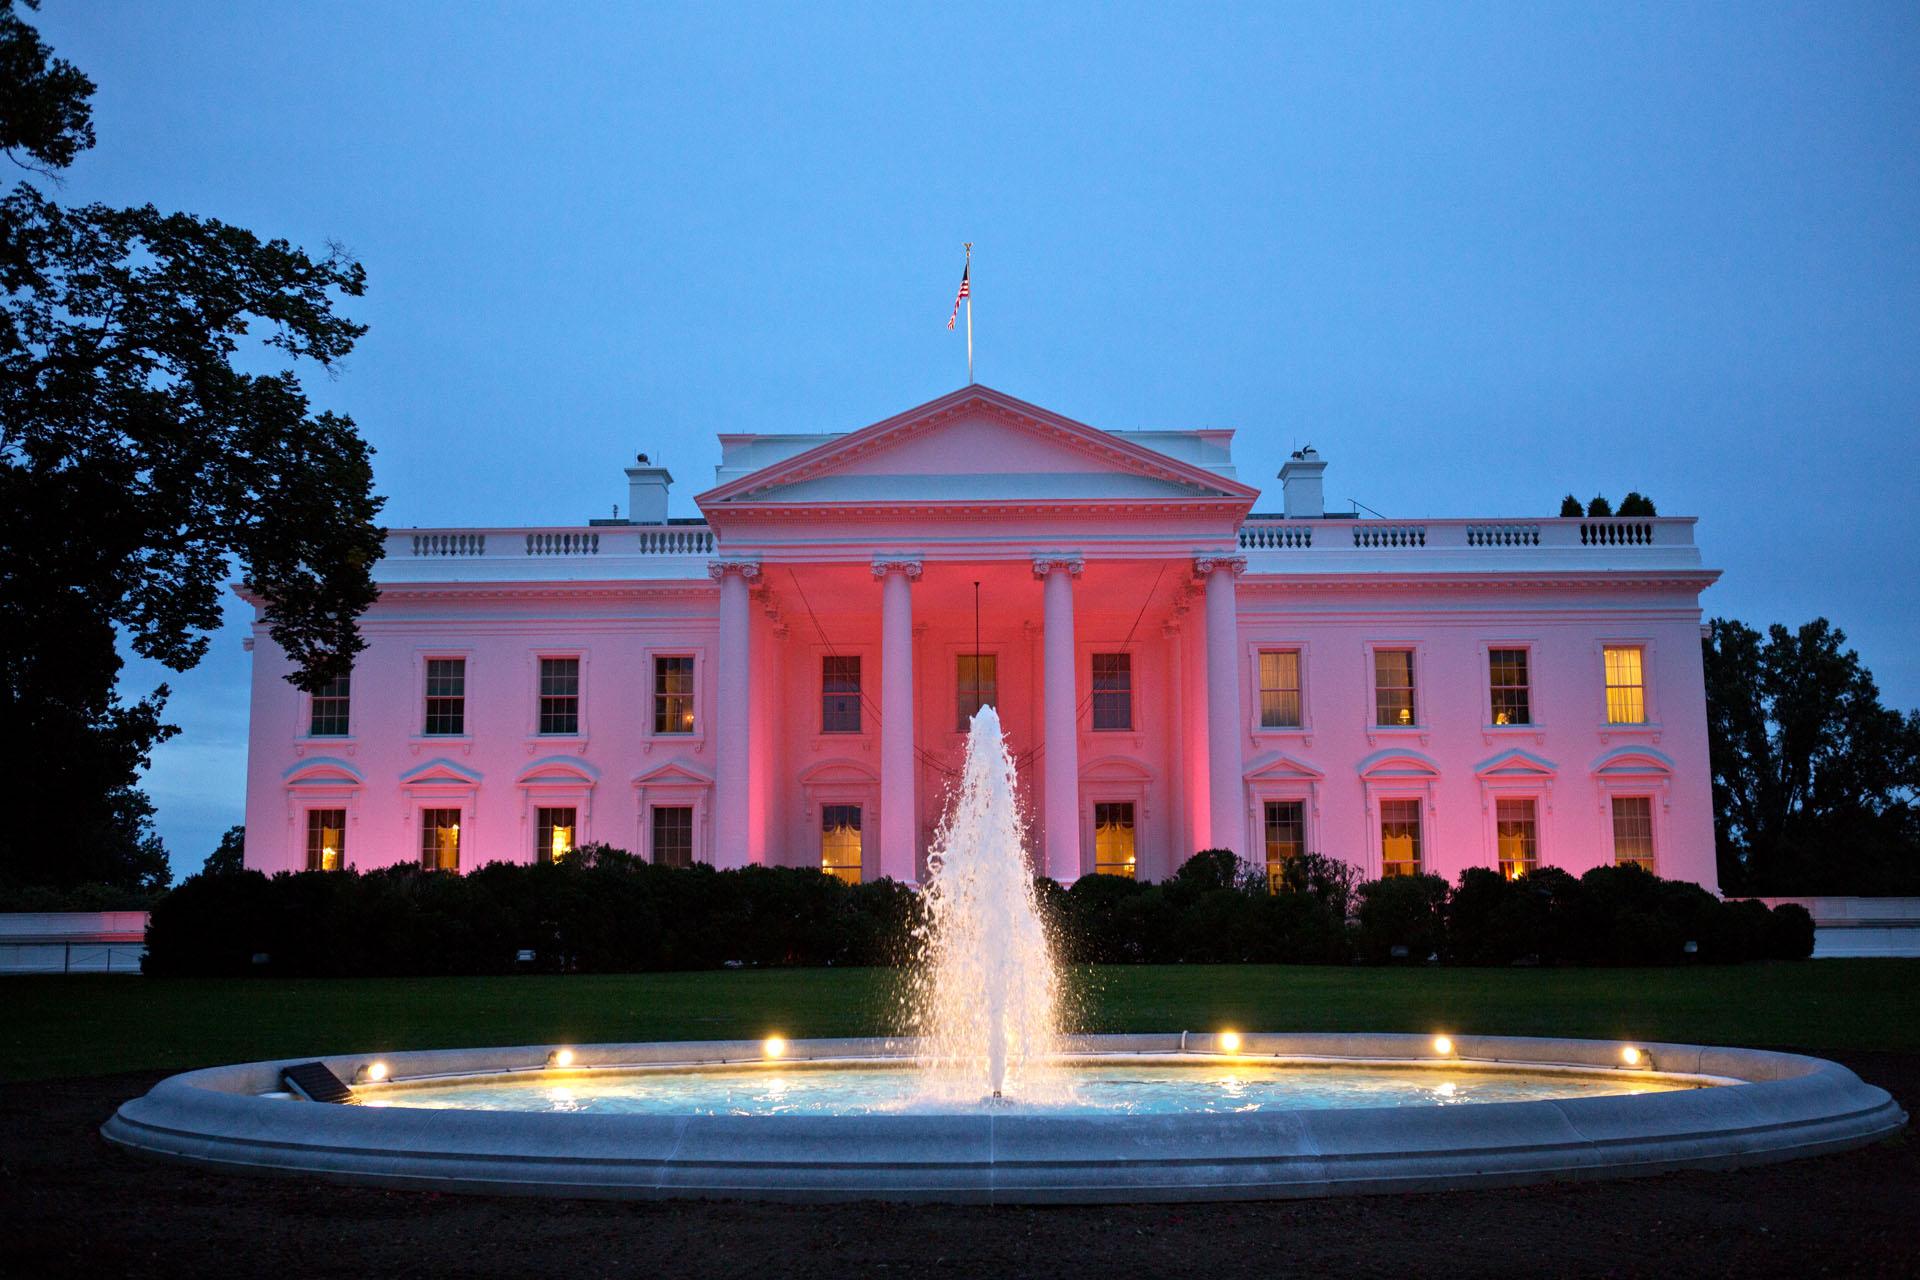 IMAGEM: Formulário de contato da Casa Branca permite escolha do pronome